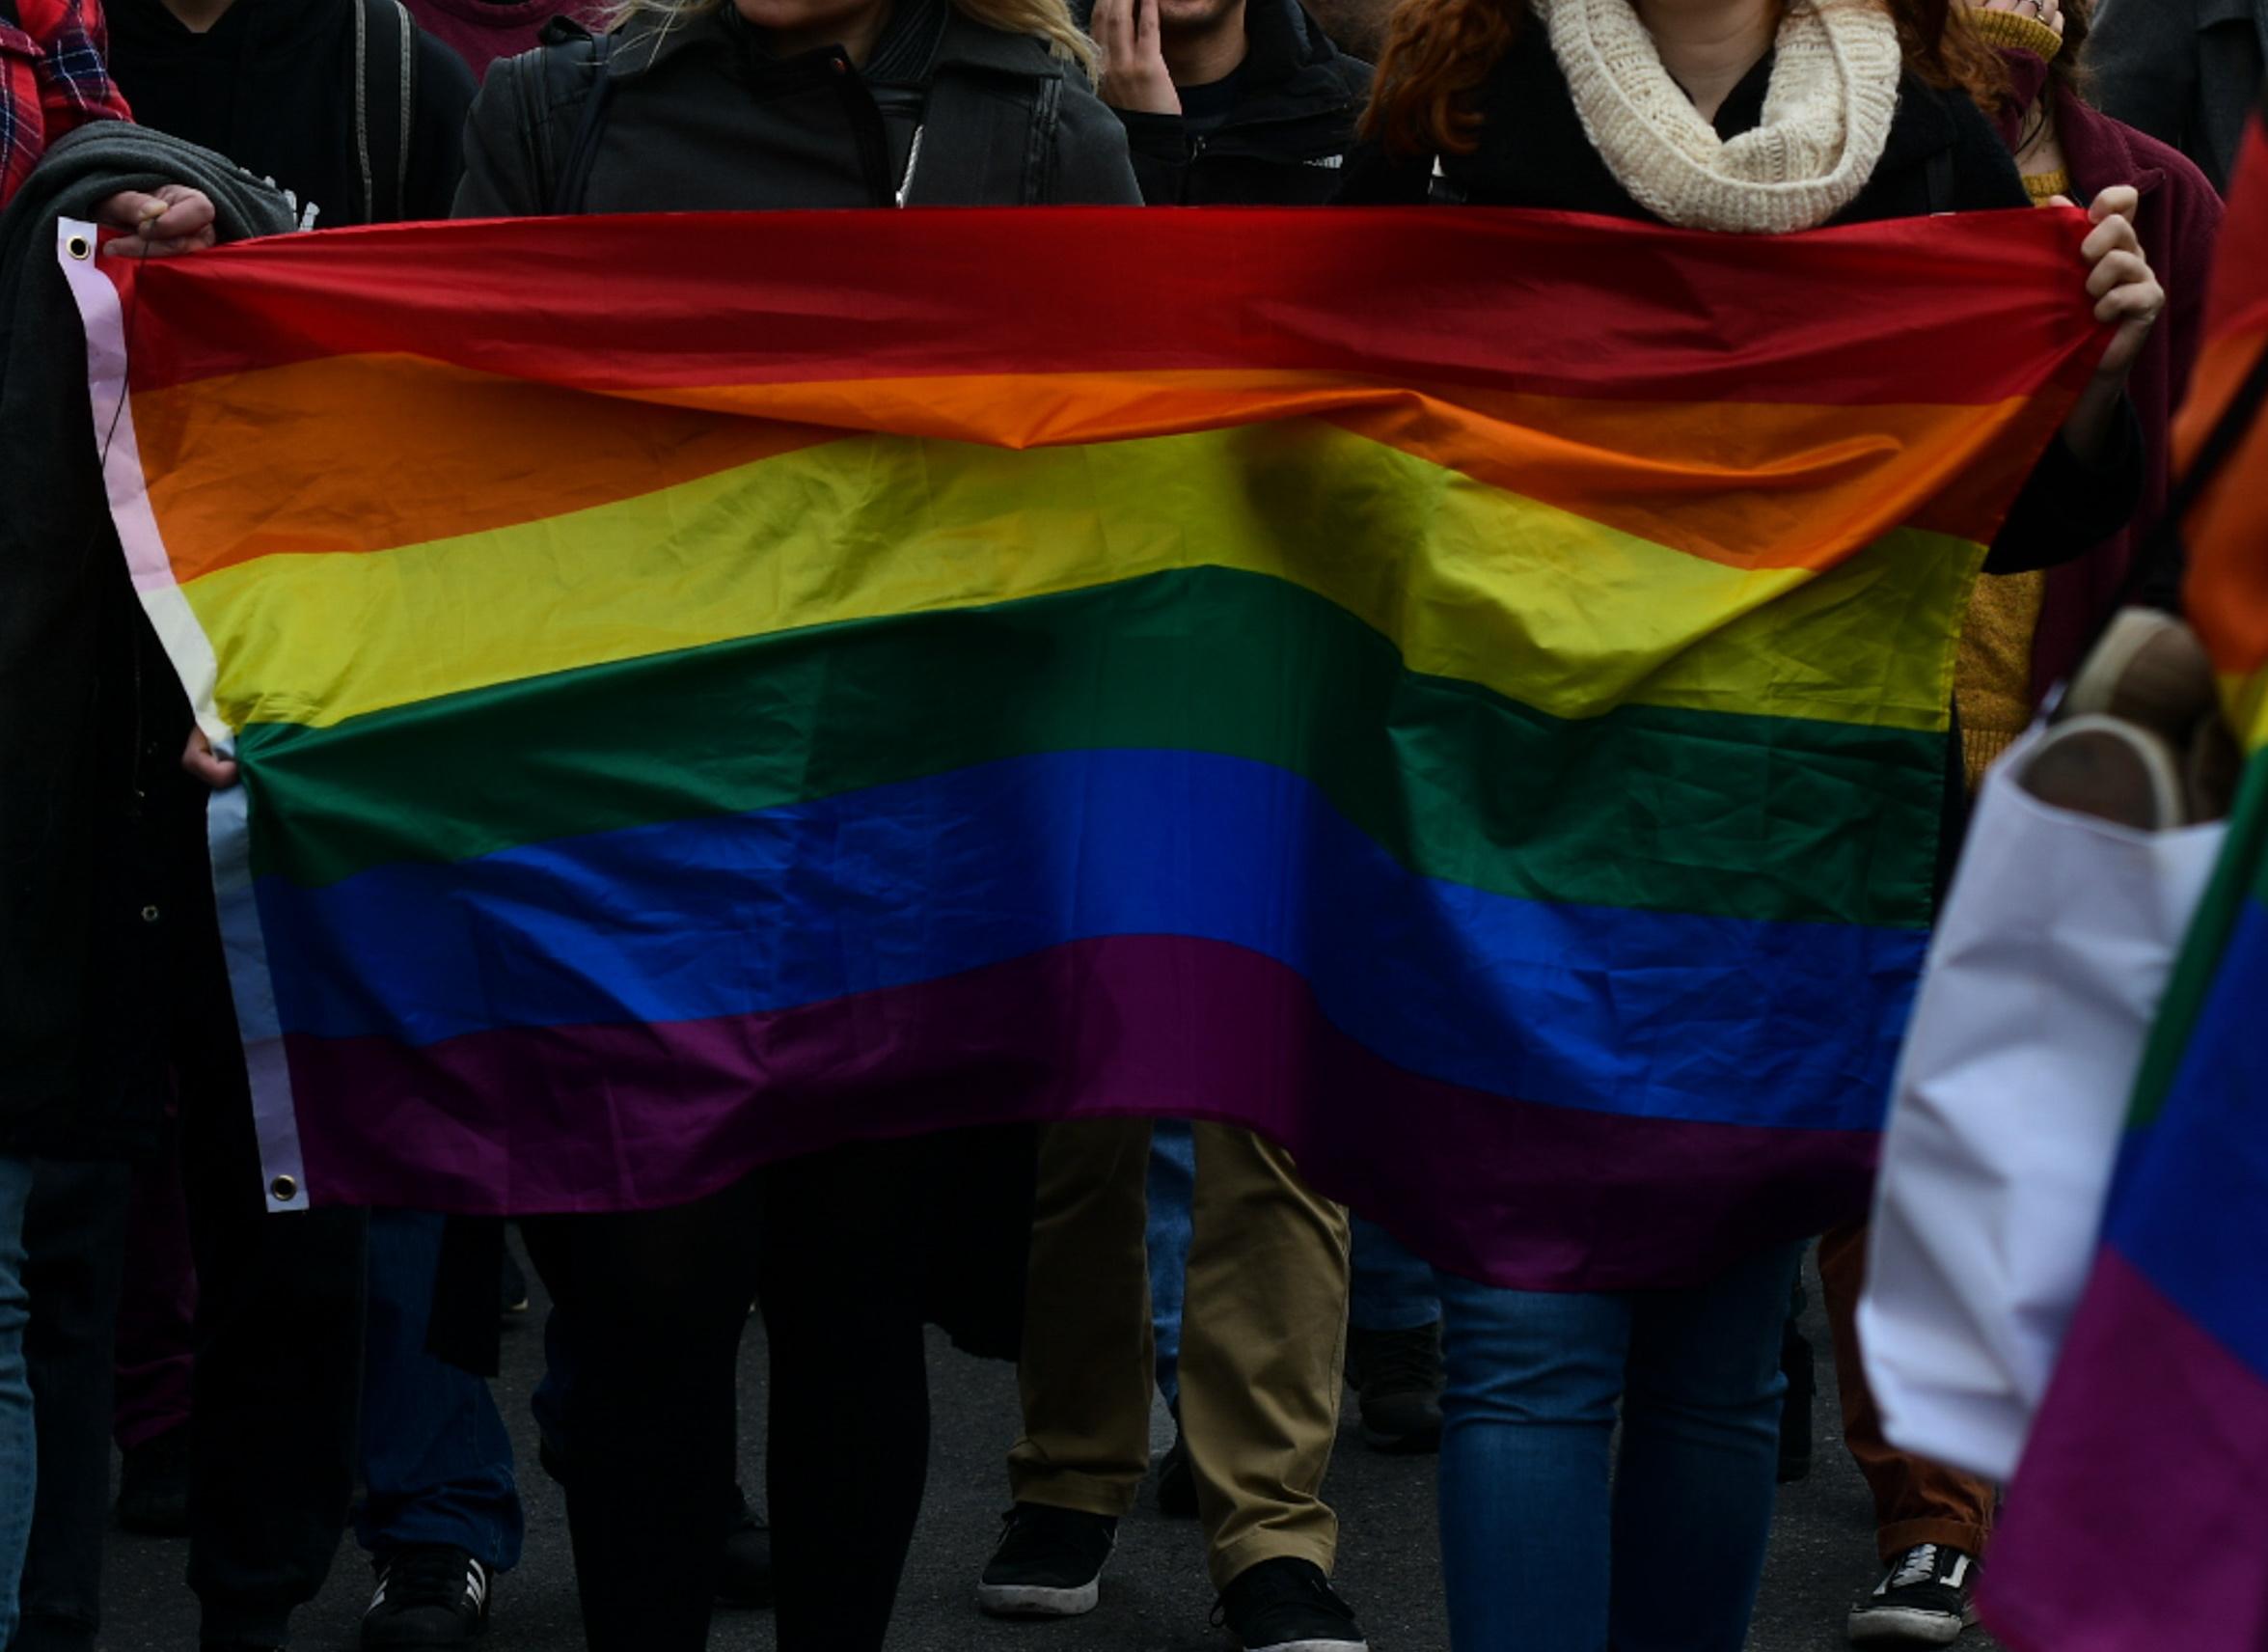 Έρευνα: Η ΛΟΑΤΚΙ+ κοινότητα δεν είναι αποδεκτή στην Ελλάδα